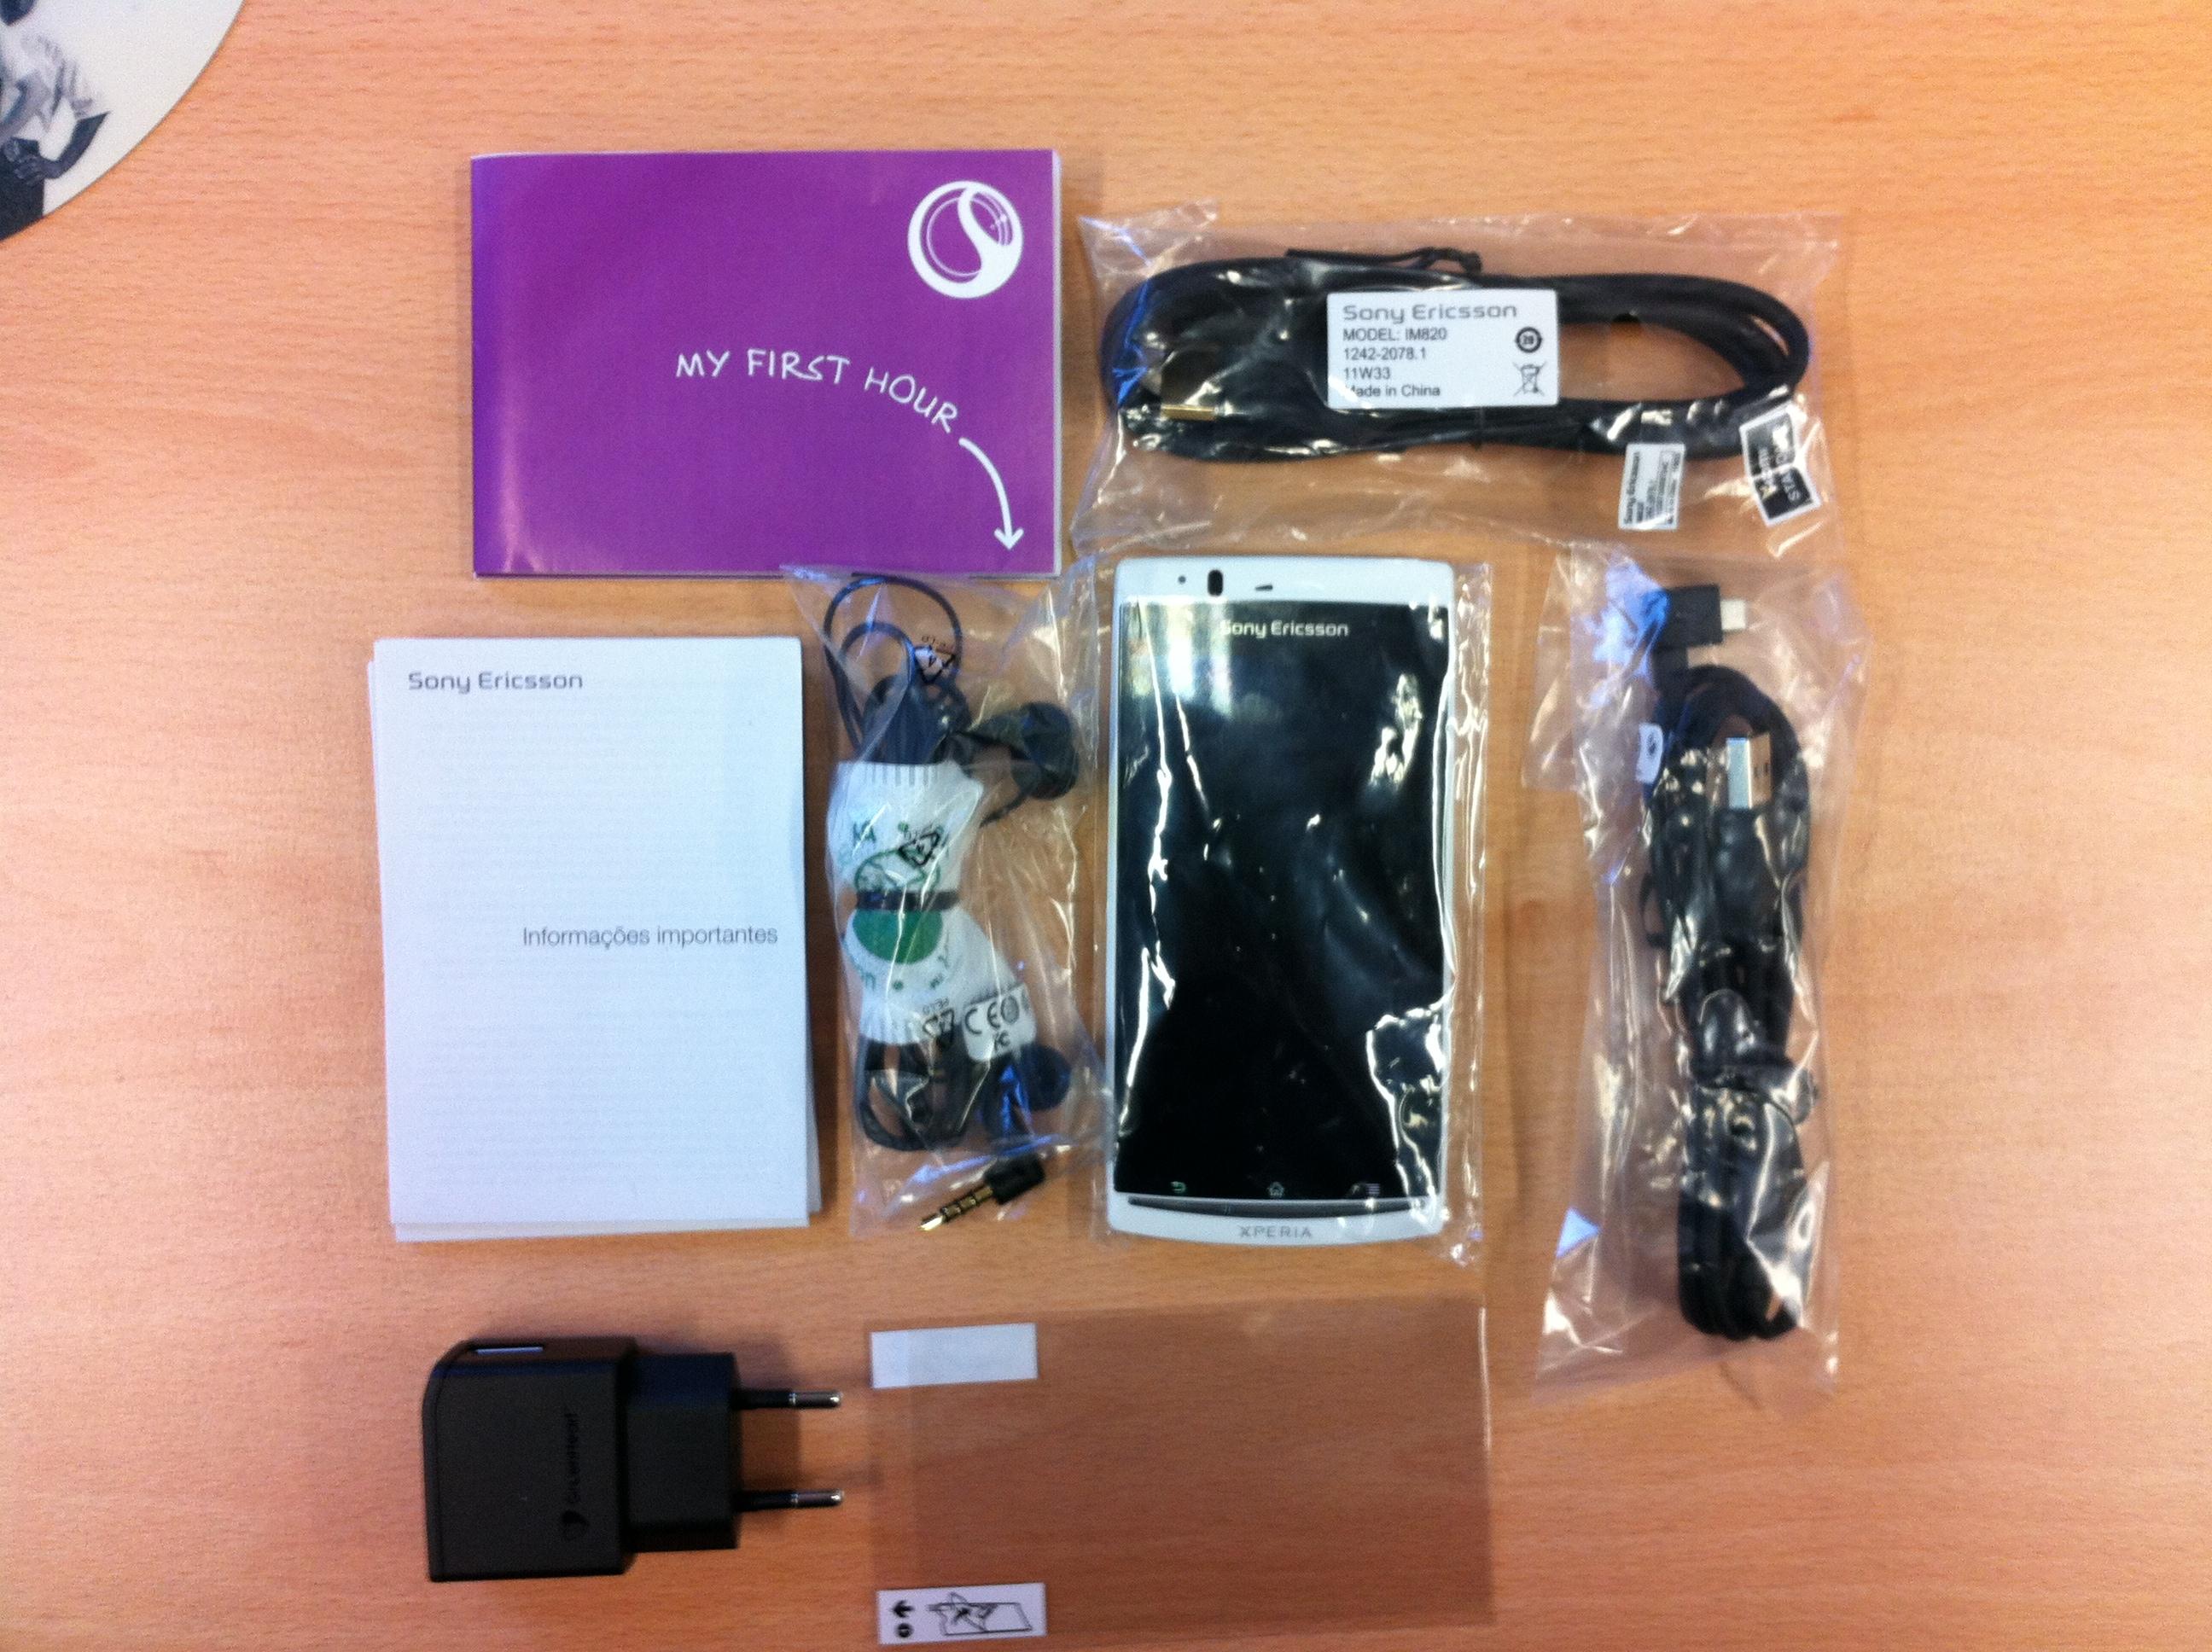 Análisis. Desempaquetamos el Sony Ericsson Xperia Arc S